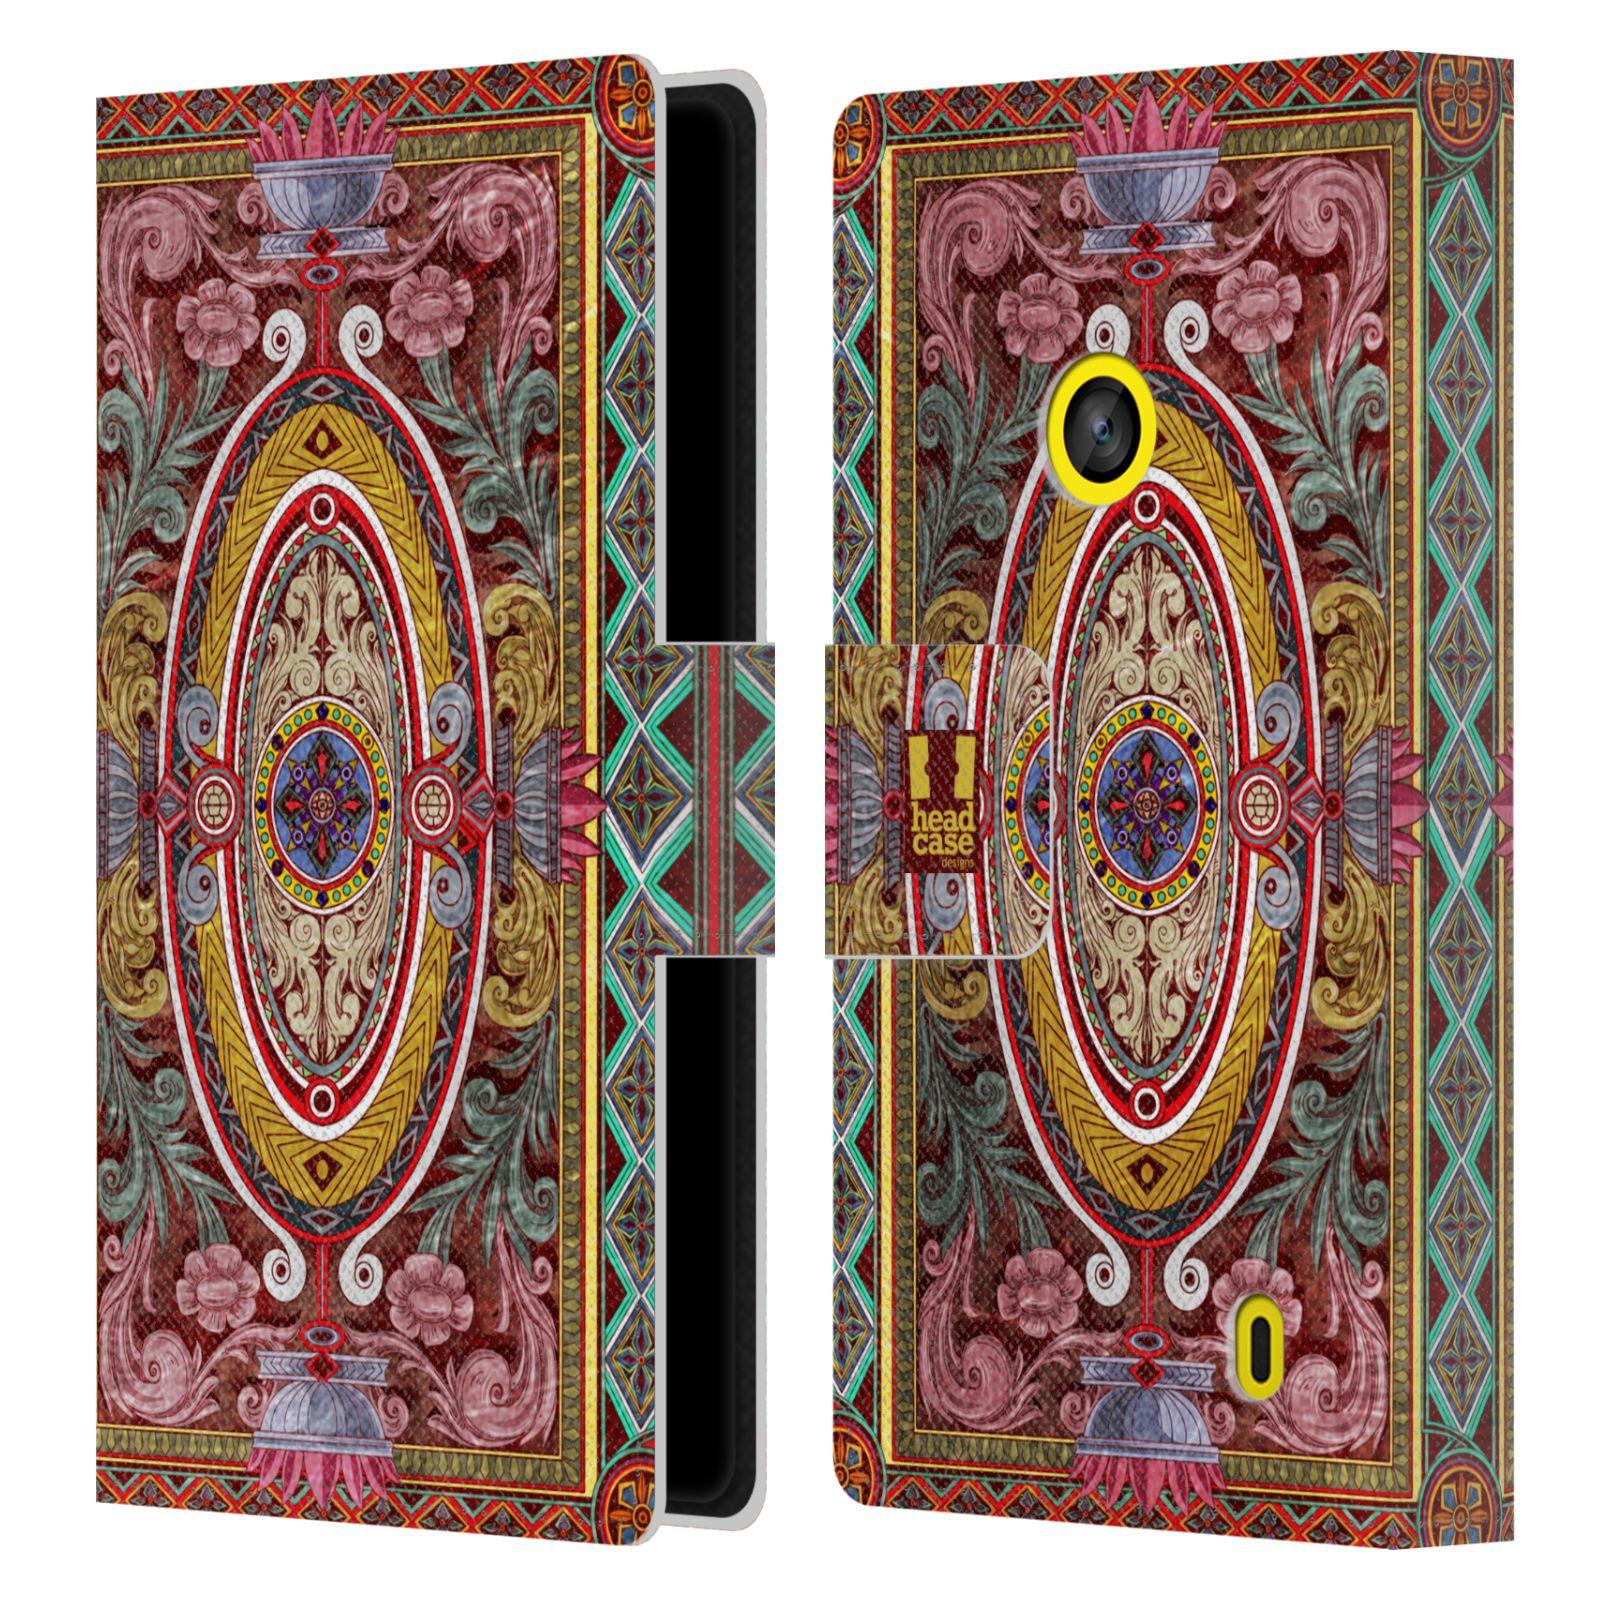 HEAD CASE Flipové pouzdro pro mobil NOKIA LUMIA 520 / 525 ARABESKA Baroko červená